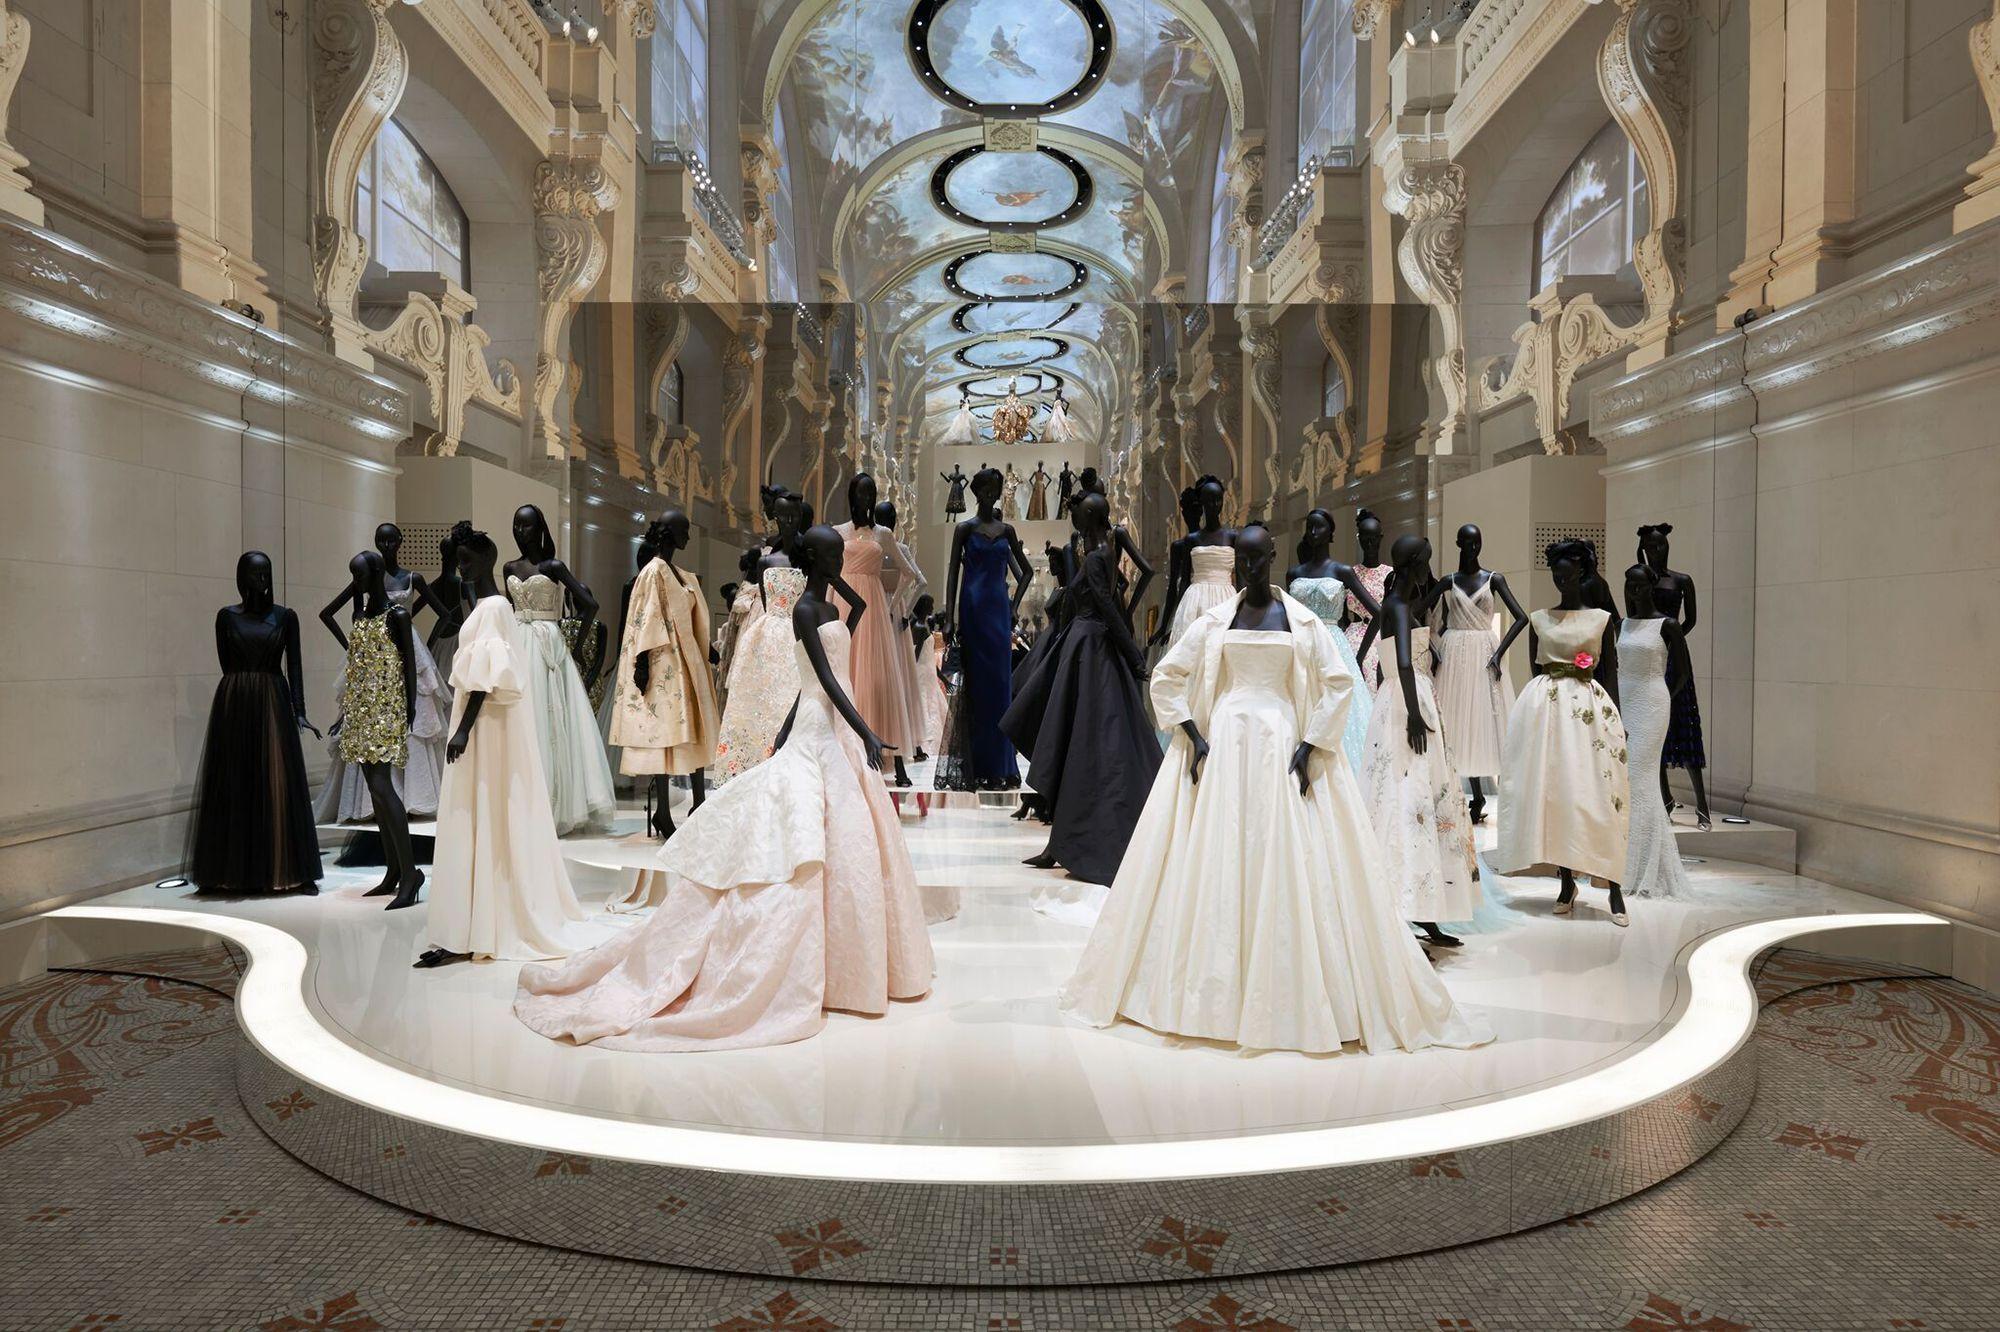 小眾巴黎博物館 - 裝飾藝術博物館